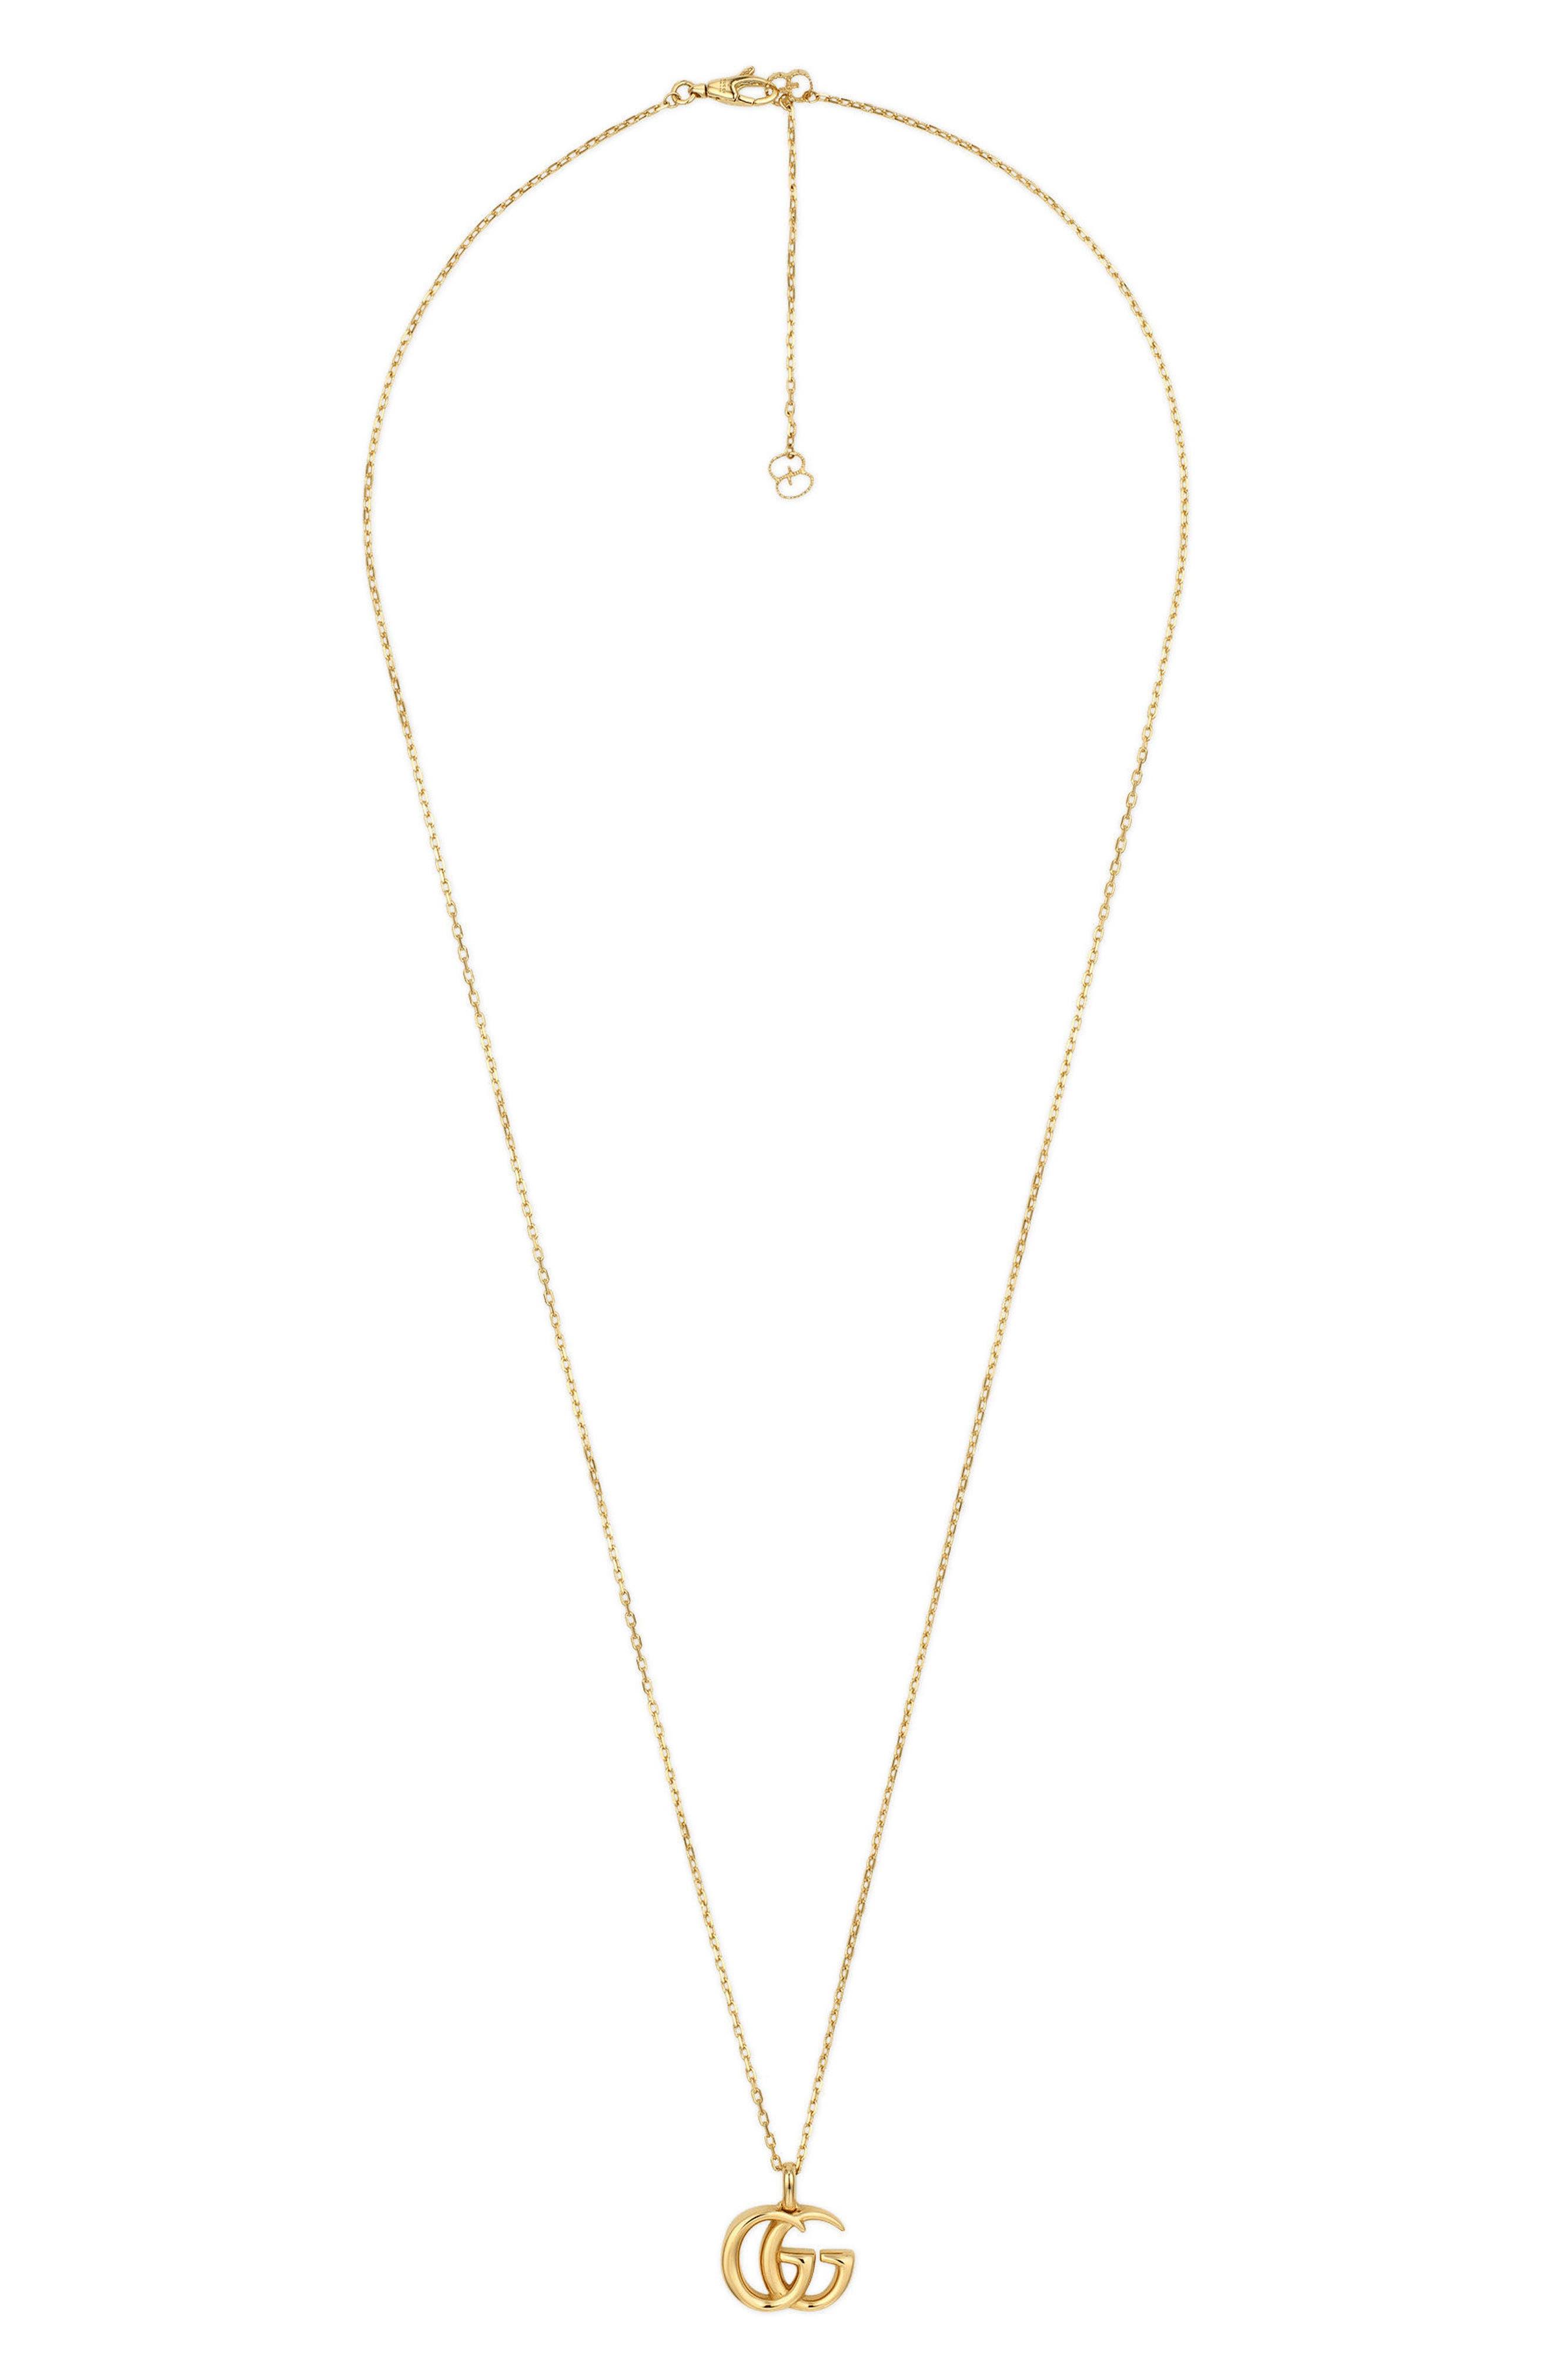 Double-G Pendant Necklace,                             Main thumbnail 1, color,                             710